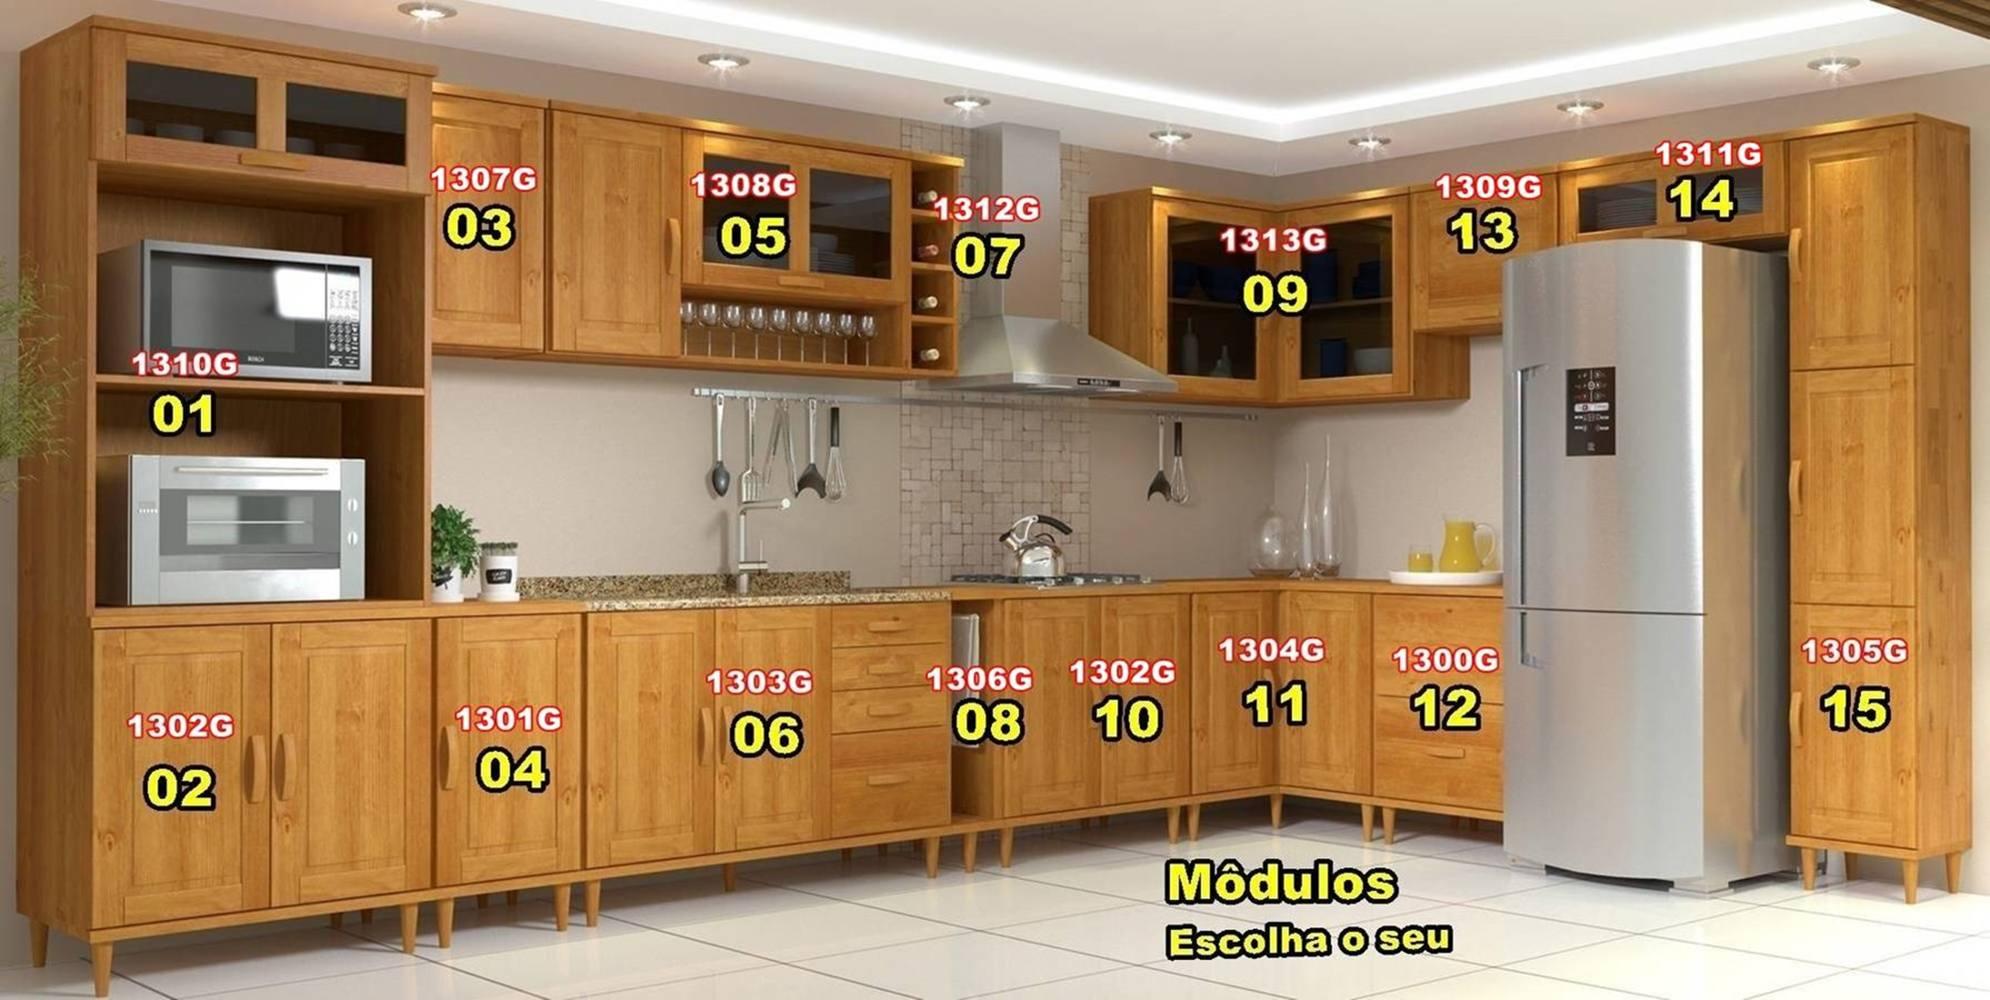 Cozinha Compacta Jade - 8 Módulos - Madeira Maciça - Cor Nogueira